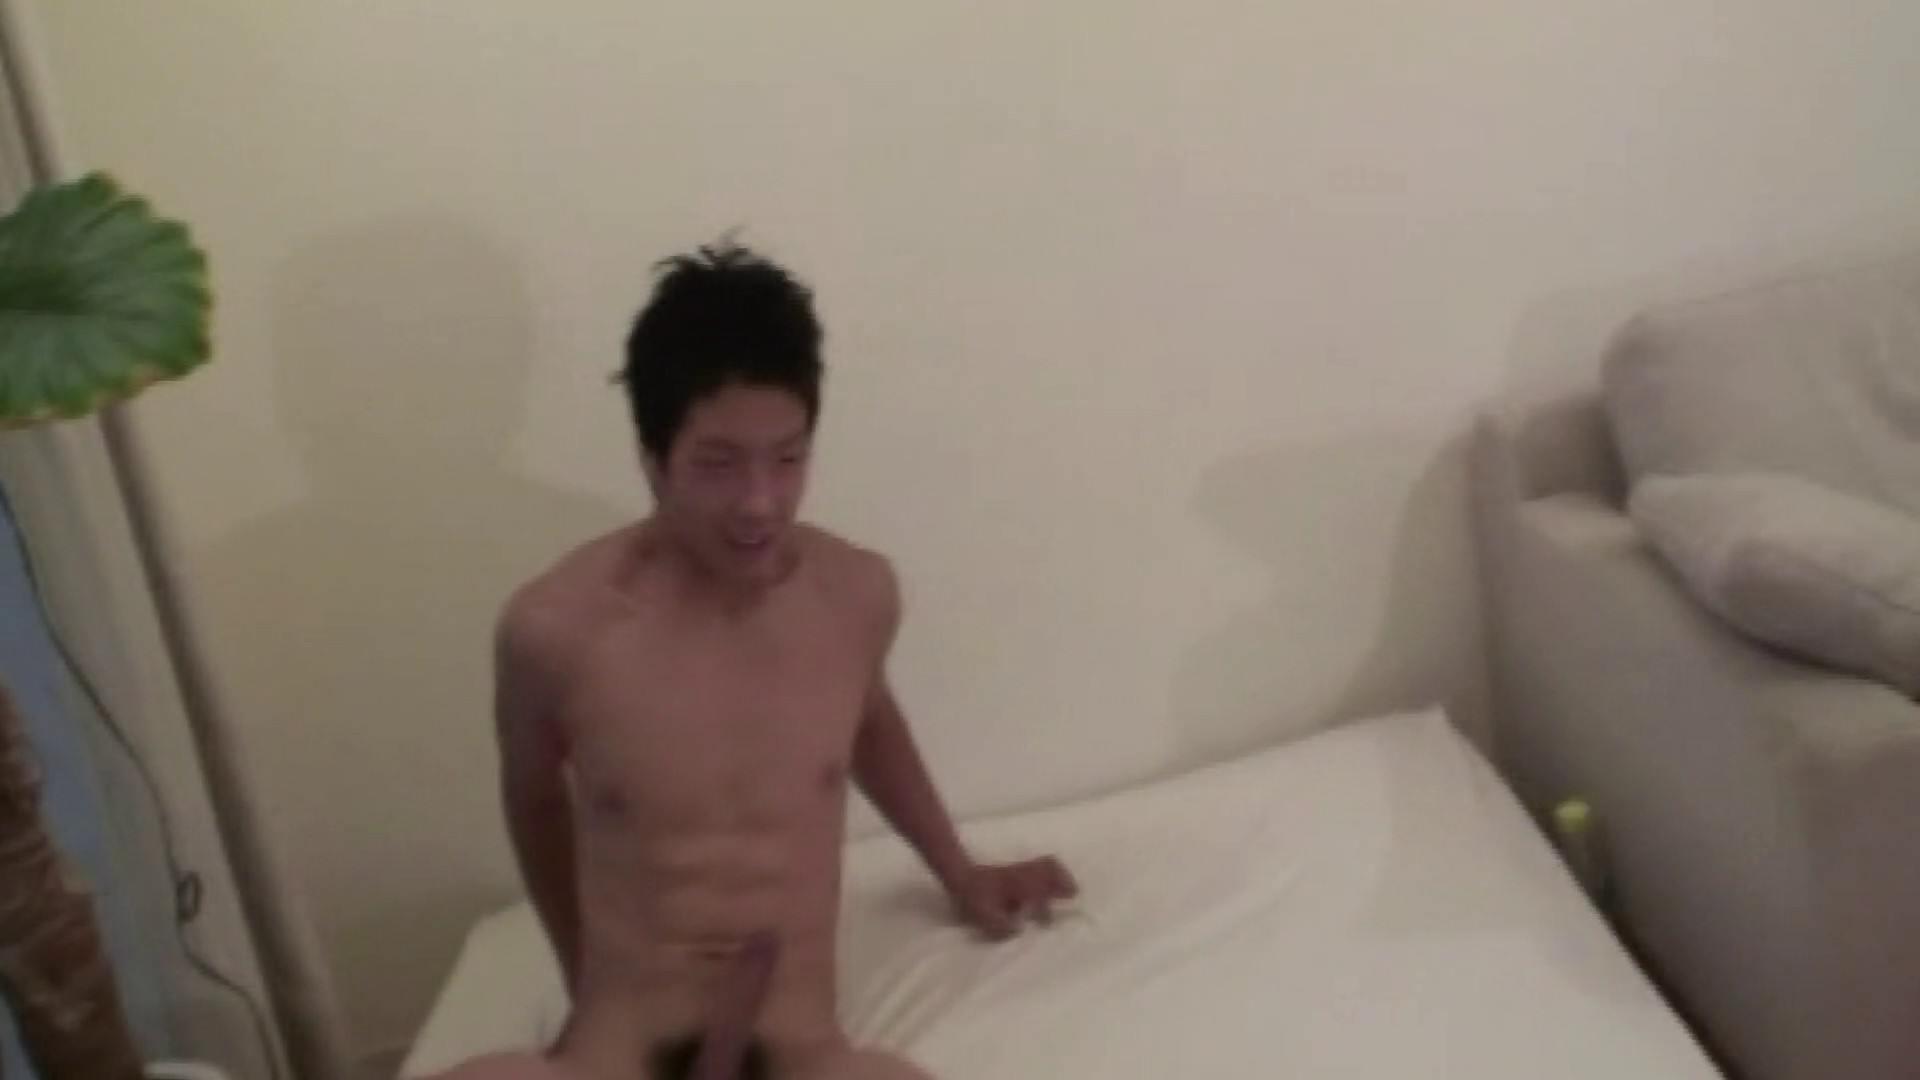 清さんの傑作動画集 Vol.10 前編 モザ無し | オナニー エロビデオ紹介 109枚 14